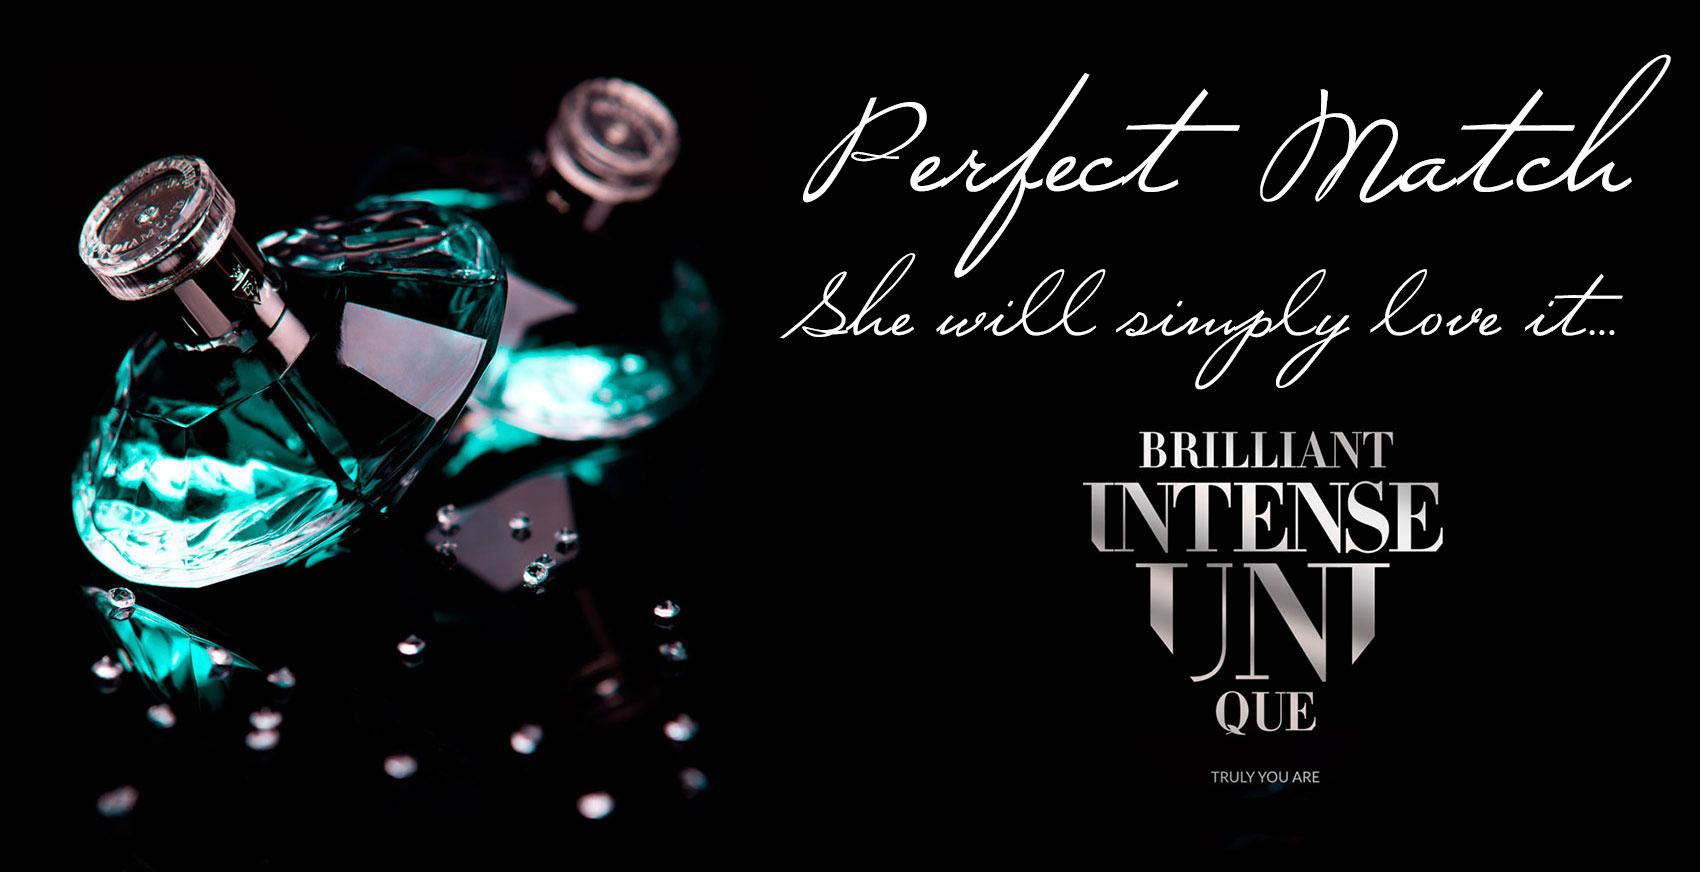 True Diamond Perfect Match Brilliant Intense Unique